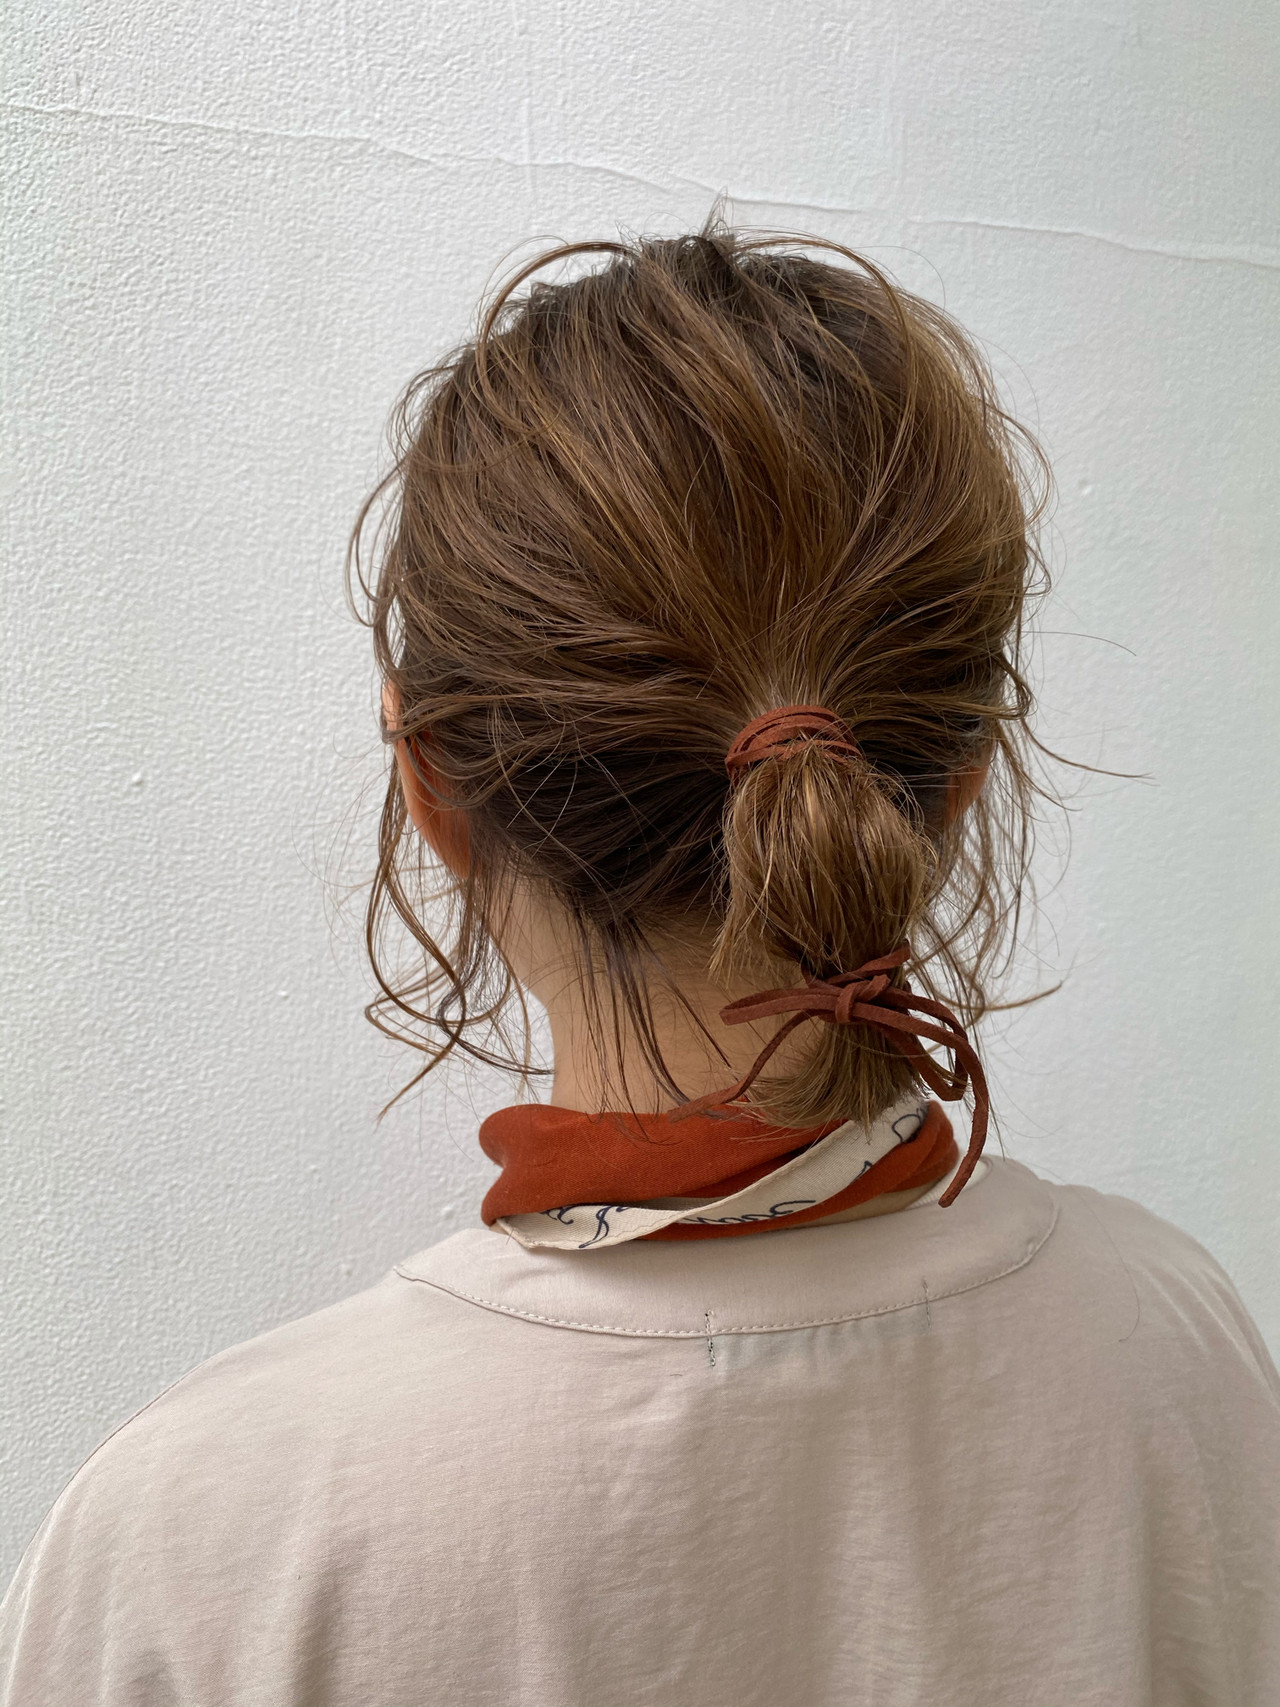 簡単ヘアアレンジ ボブ ナチュラル ハイライト ヘアスタイルや髪型の写真・画像